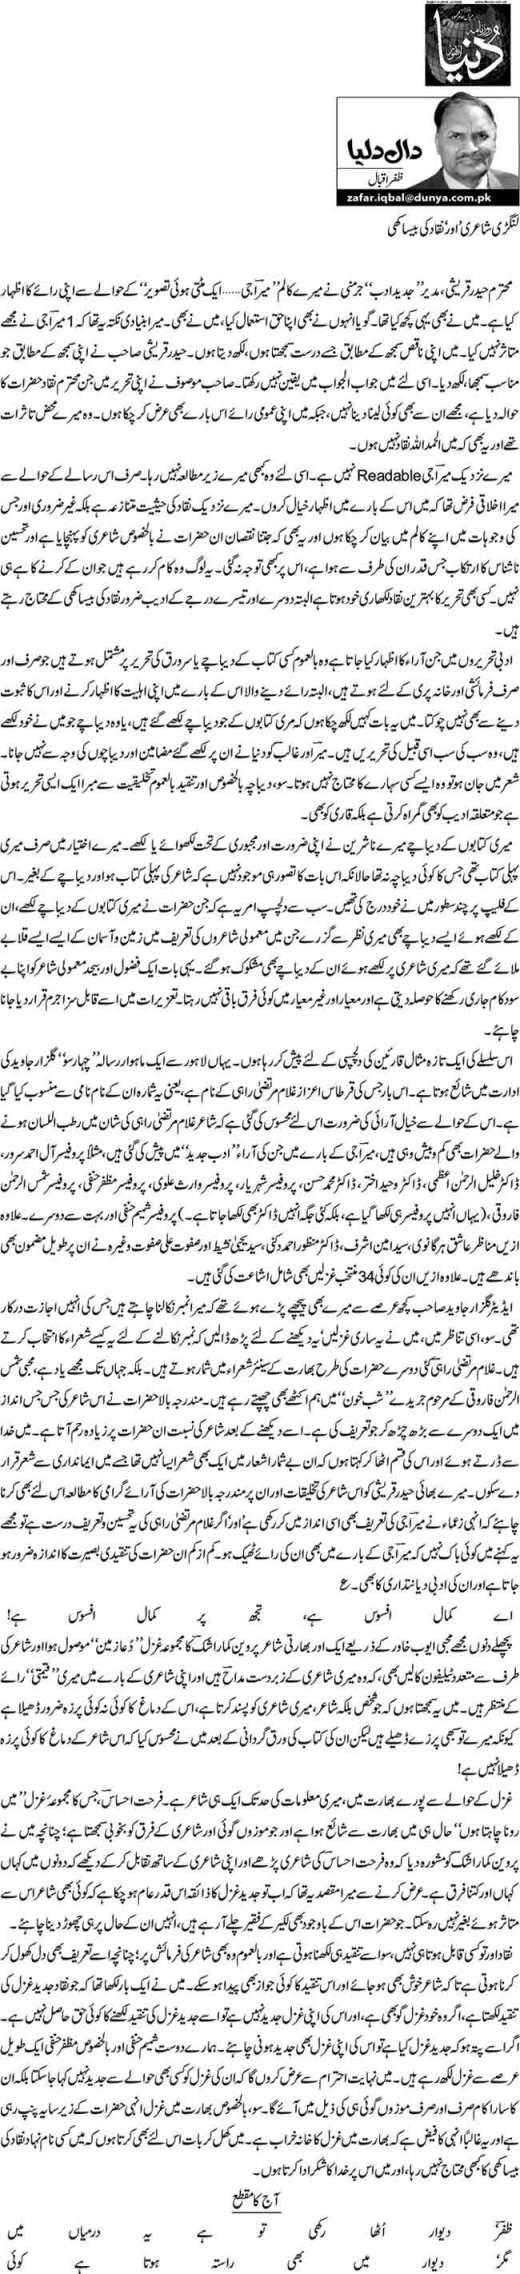 Langri shairi aur Naqad ki besakhi - Zafar Iqbal